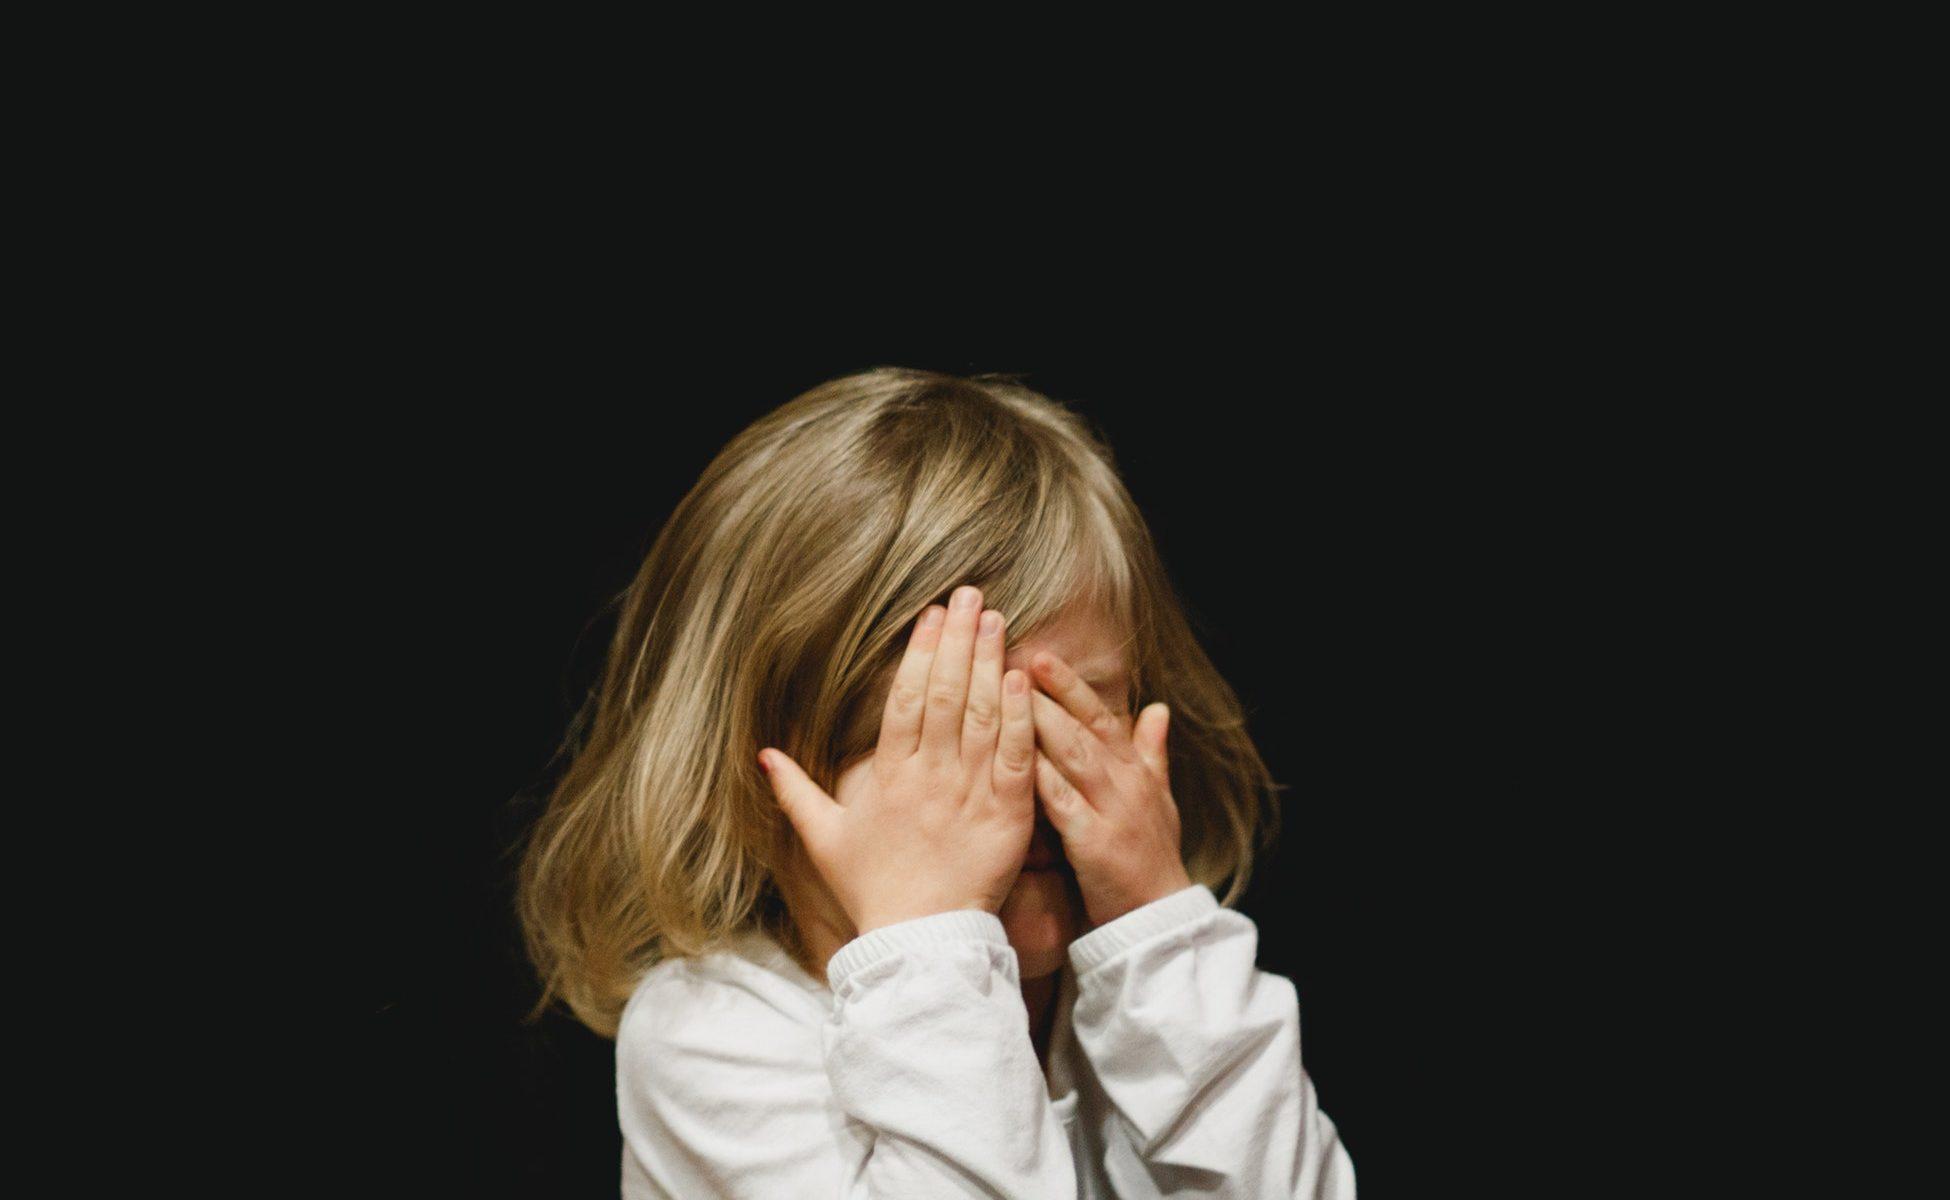 petite fille se cache le visage, énervée, trouble de lattention